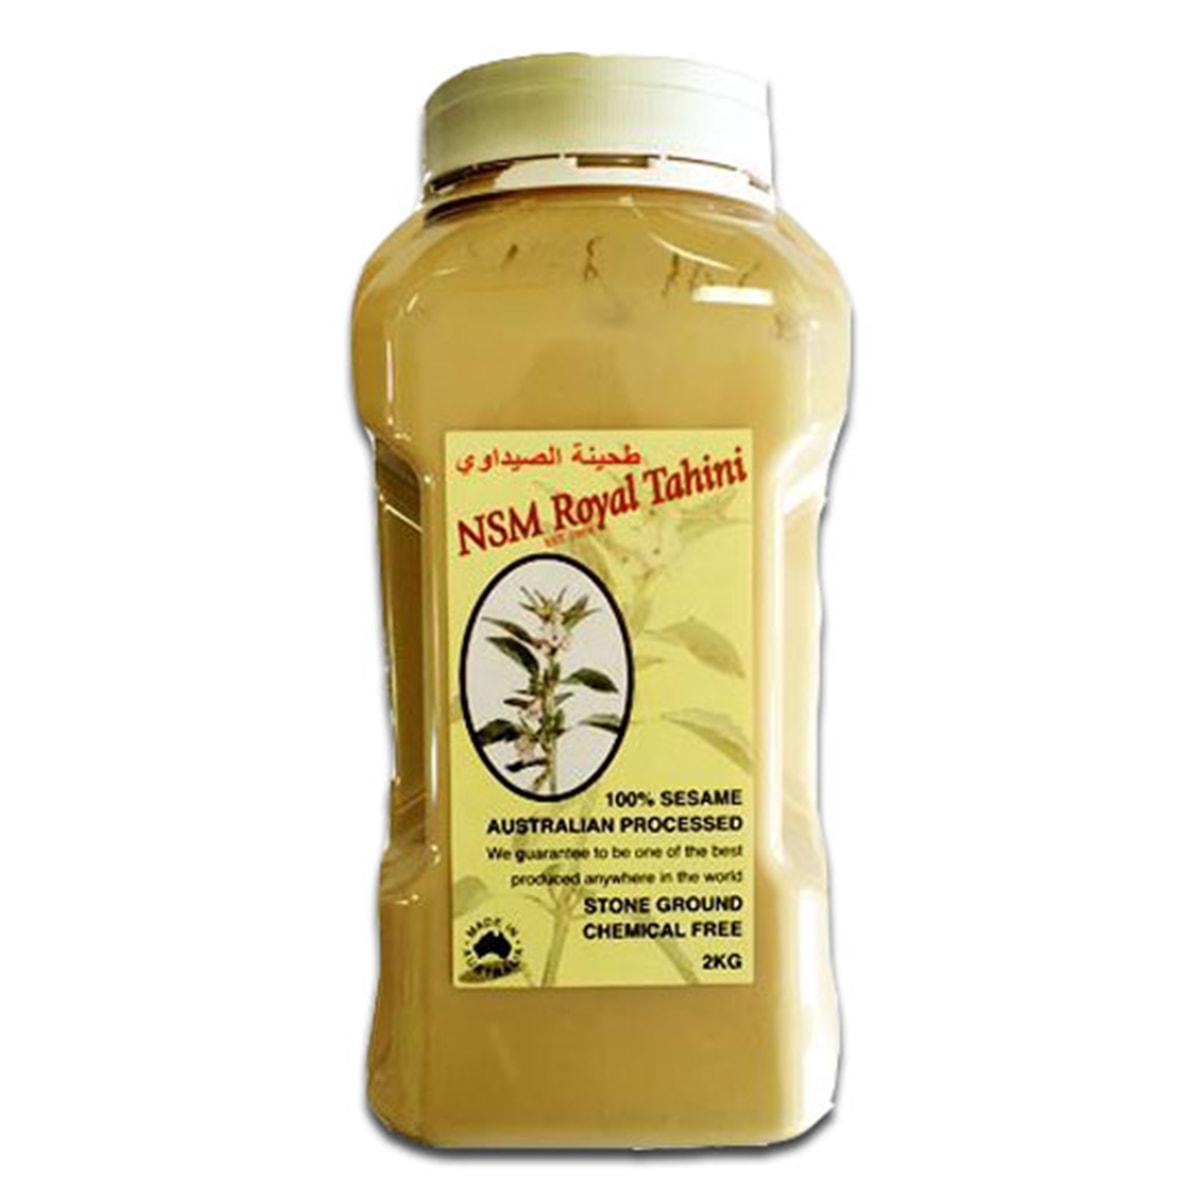 Buy NSM Royal Tahini (100% Sesame Australian Processed) - 2 kg